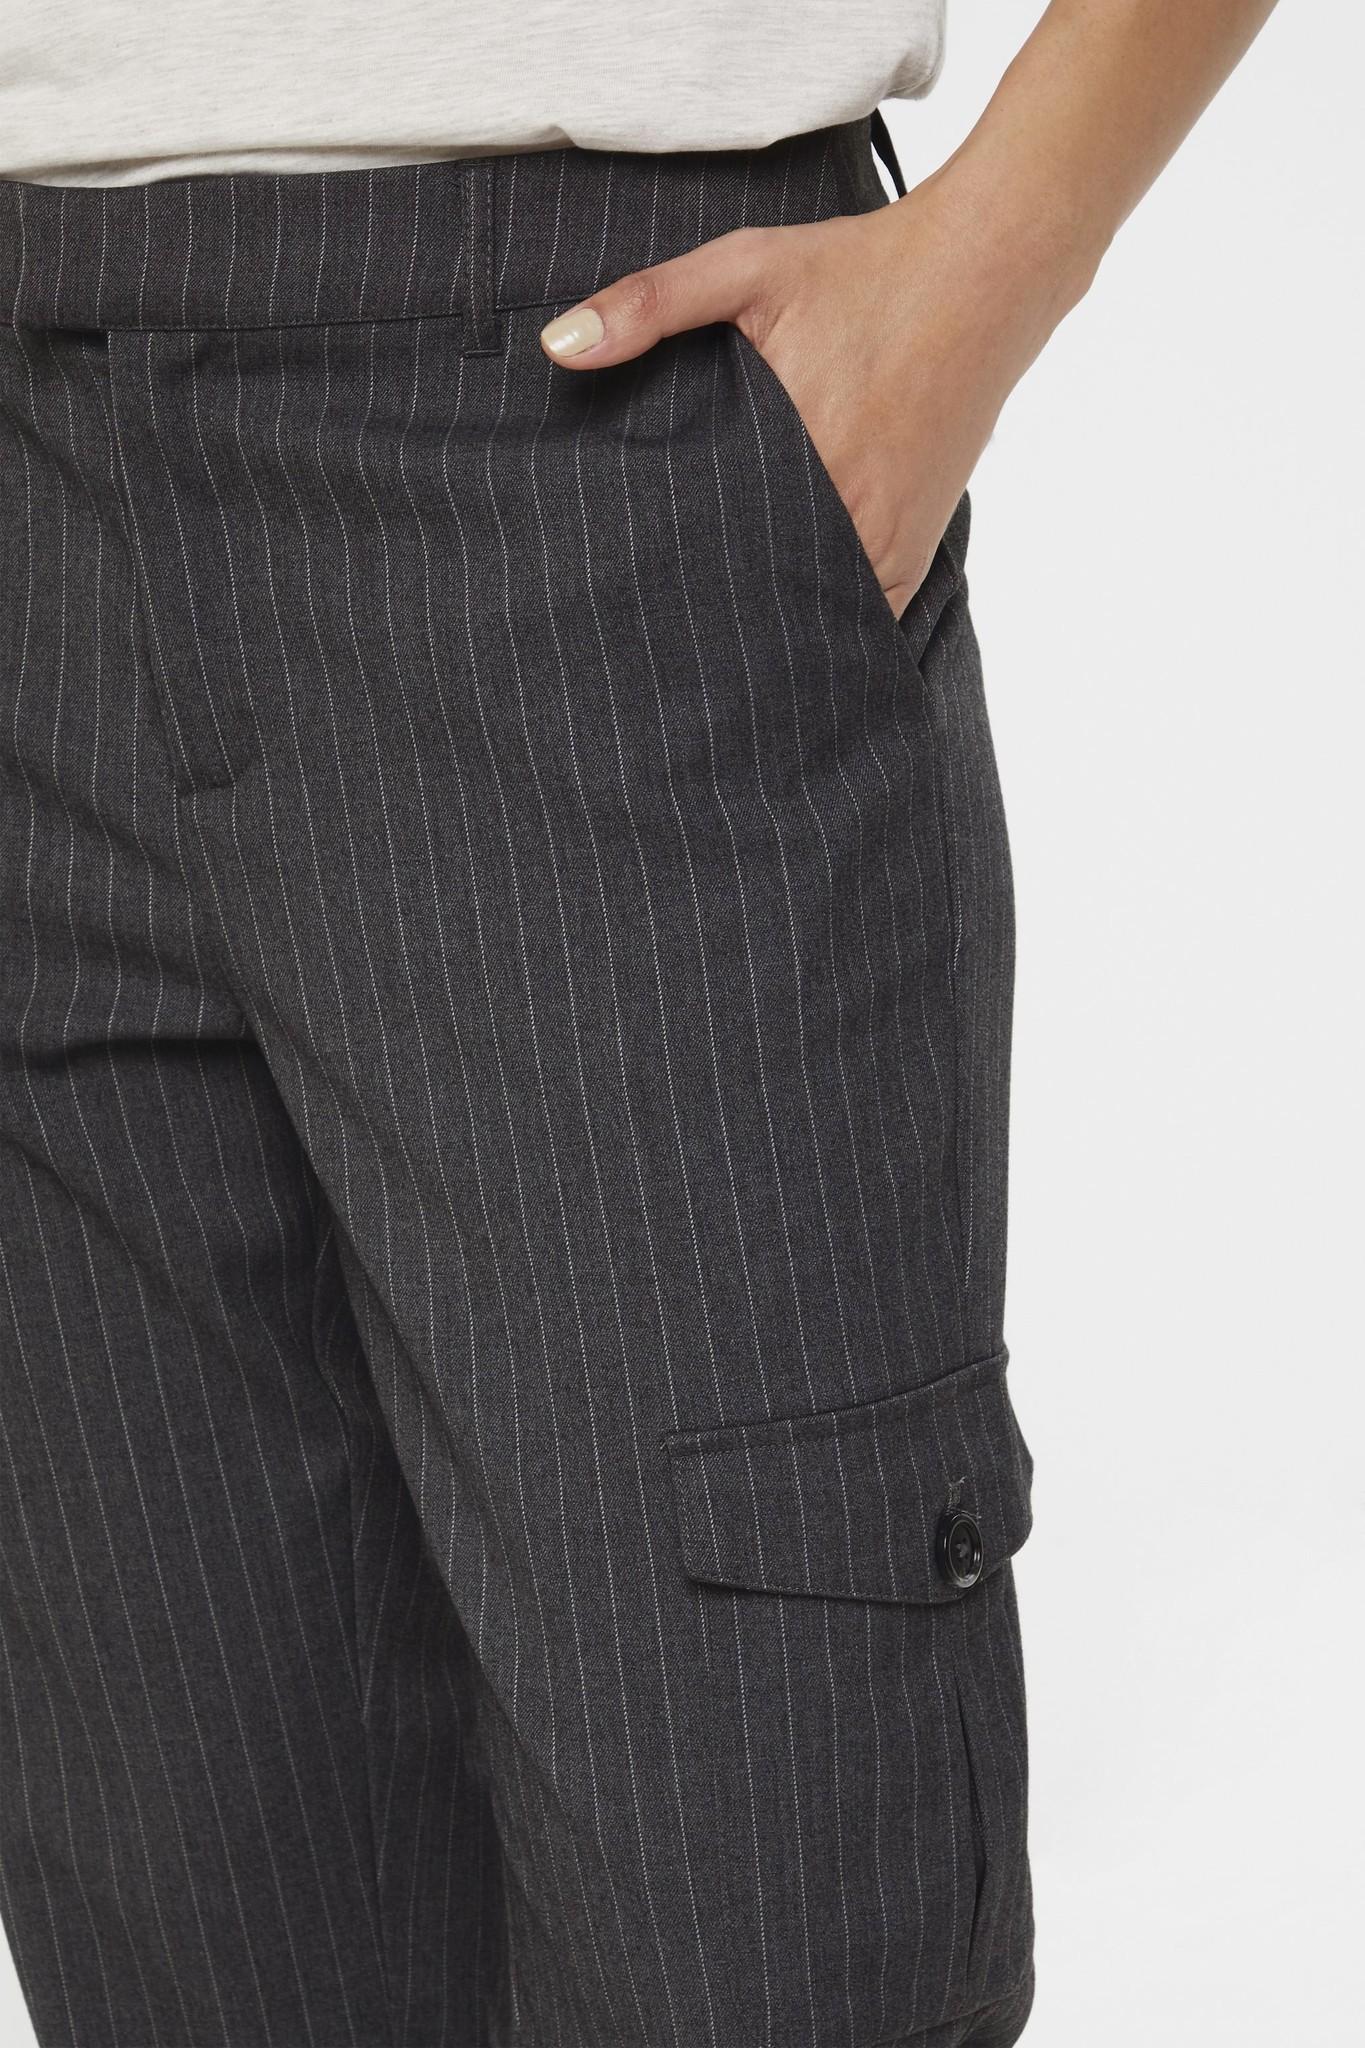 Broek KAmarlin Grey pinstripe-6